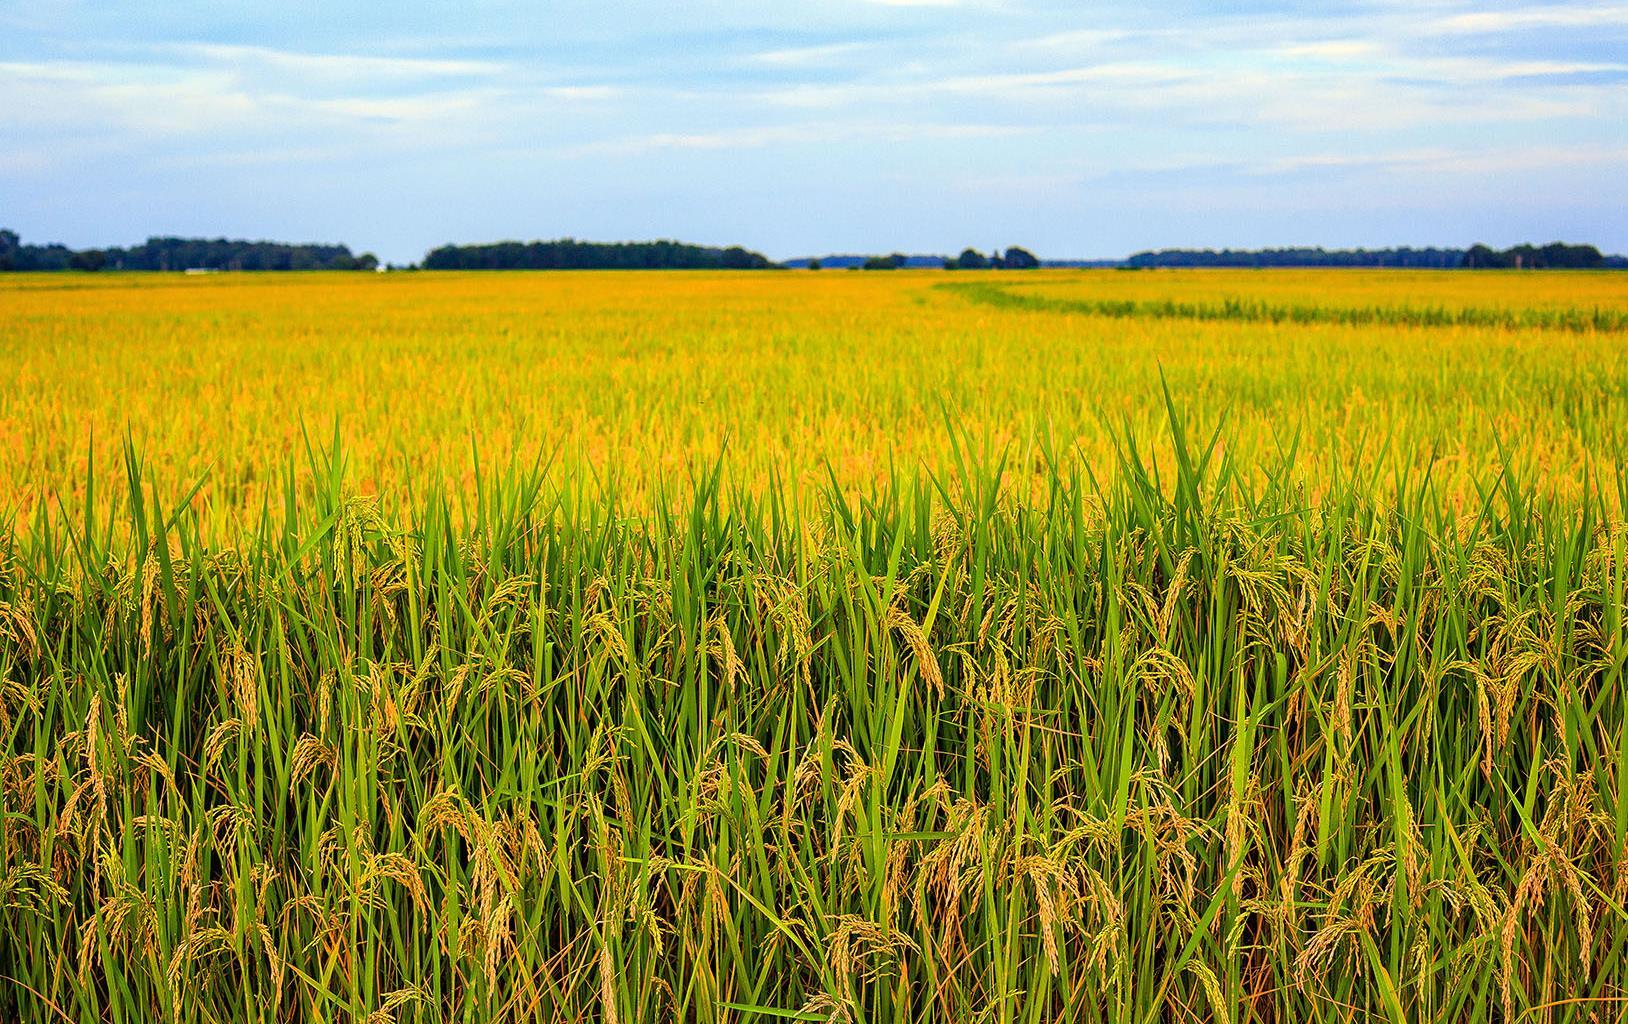 Field of mature, golden rice